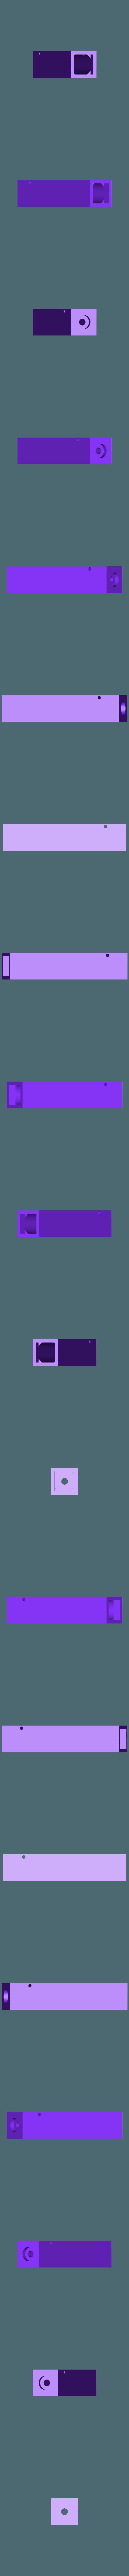 Base_Rear_Third.stl Télécharger fichier STL gratuit Santa Whirligig • Objet pour imprimante 3D, Sparky6548